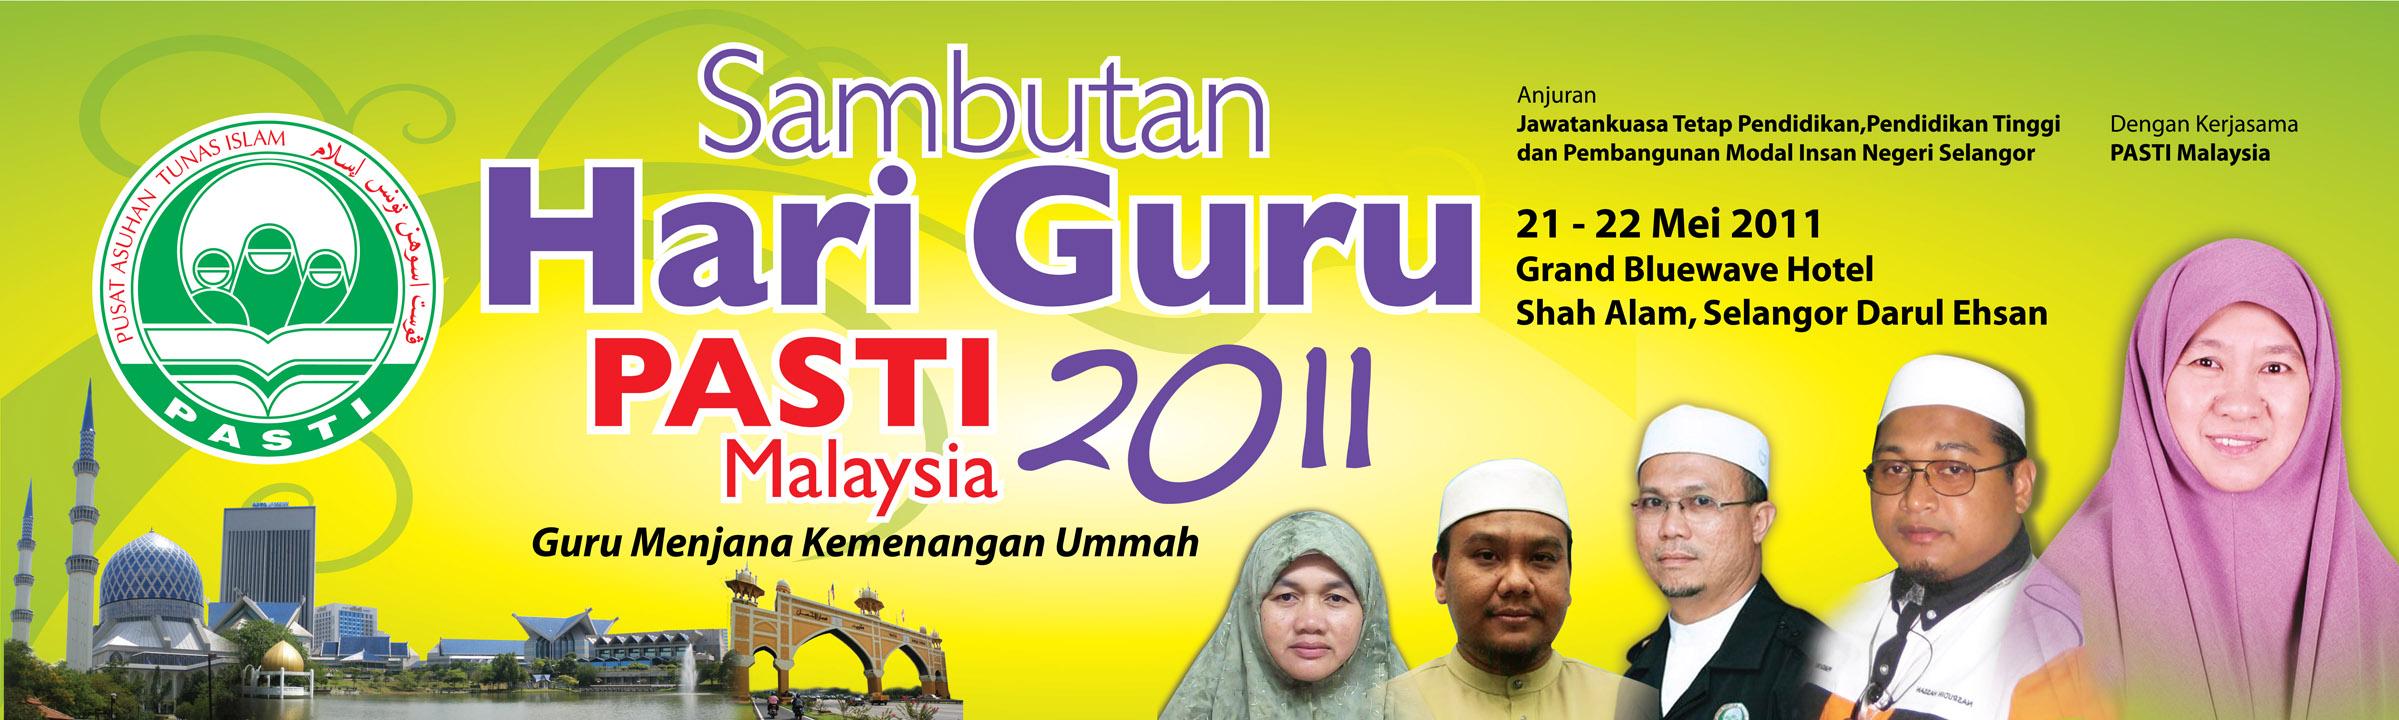 Rabu Jumadilakhir 14, 18 Mei 2011